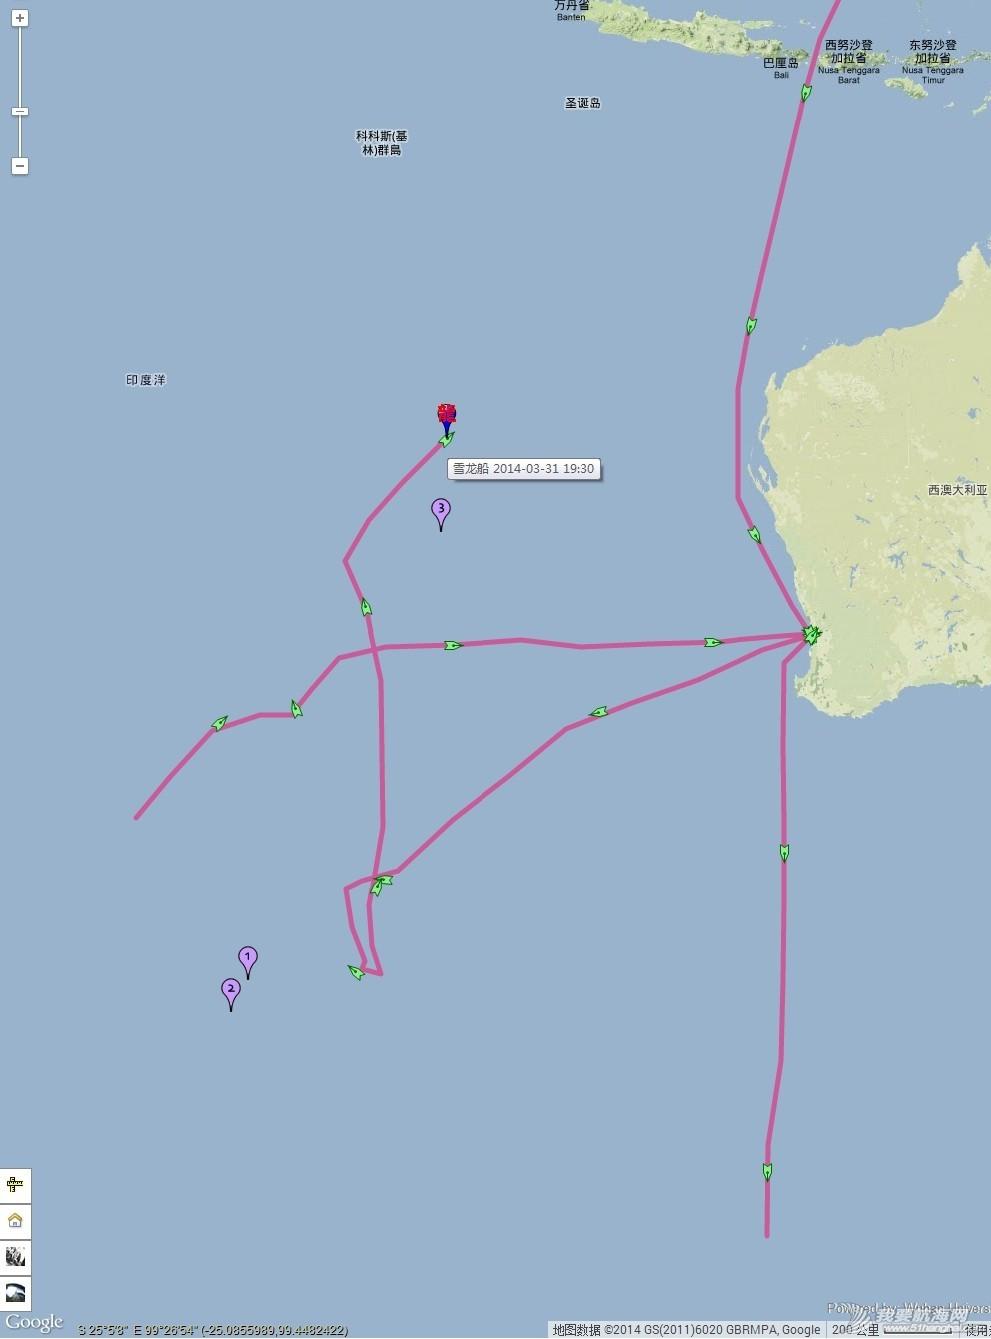 """印度洋,MH370,雪龙号,极地科考,南极科考 【雪龙动态】2014年3月31日 """"雪龙""""号结束南印度洋搜寻任务启程回国 雪龙号20140331"""